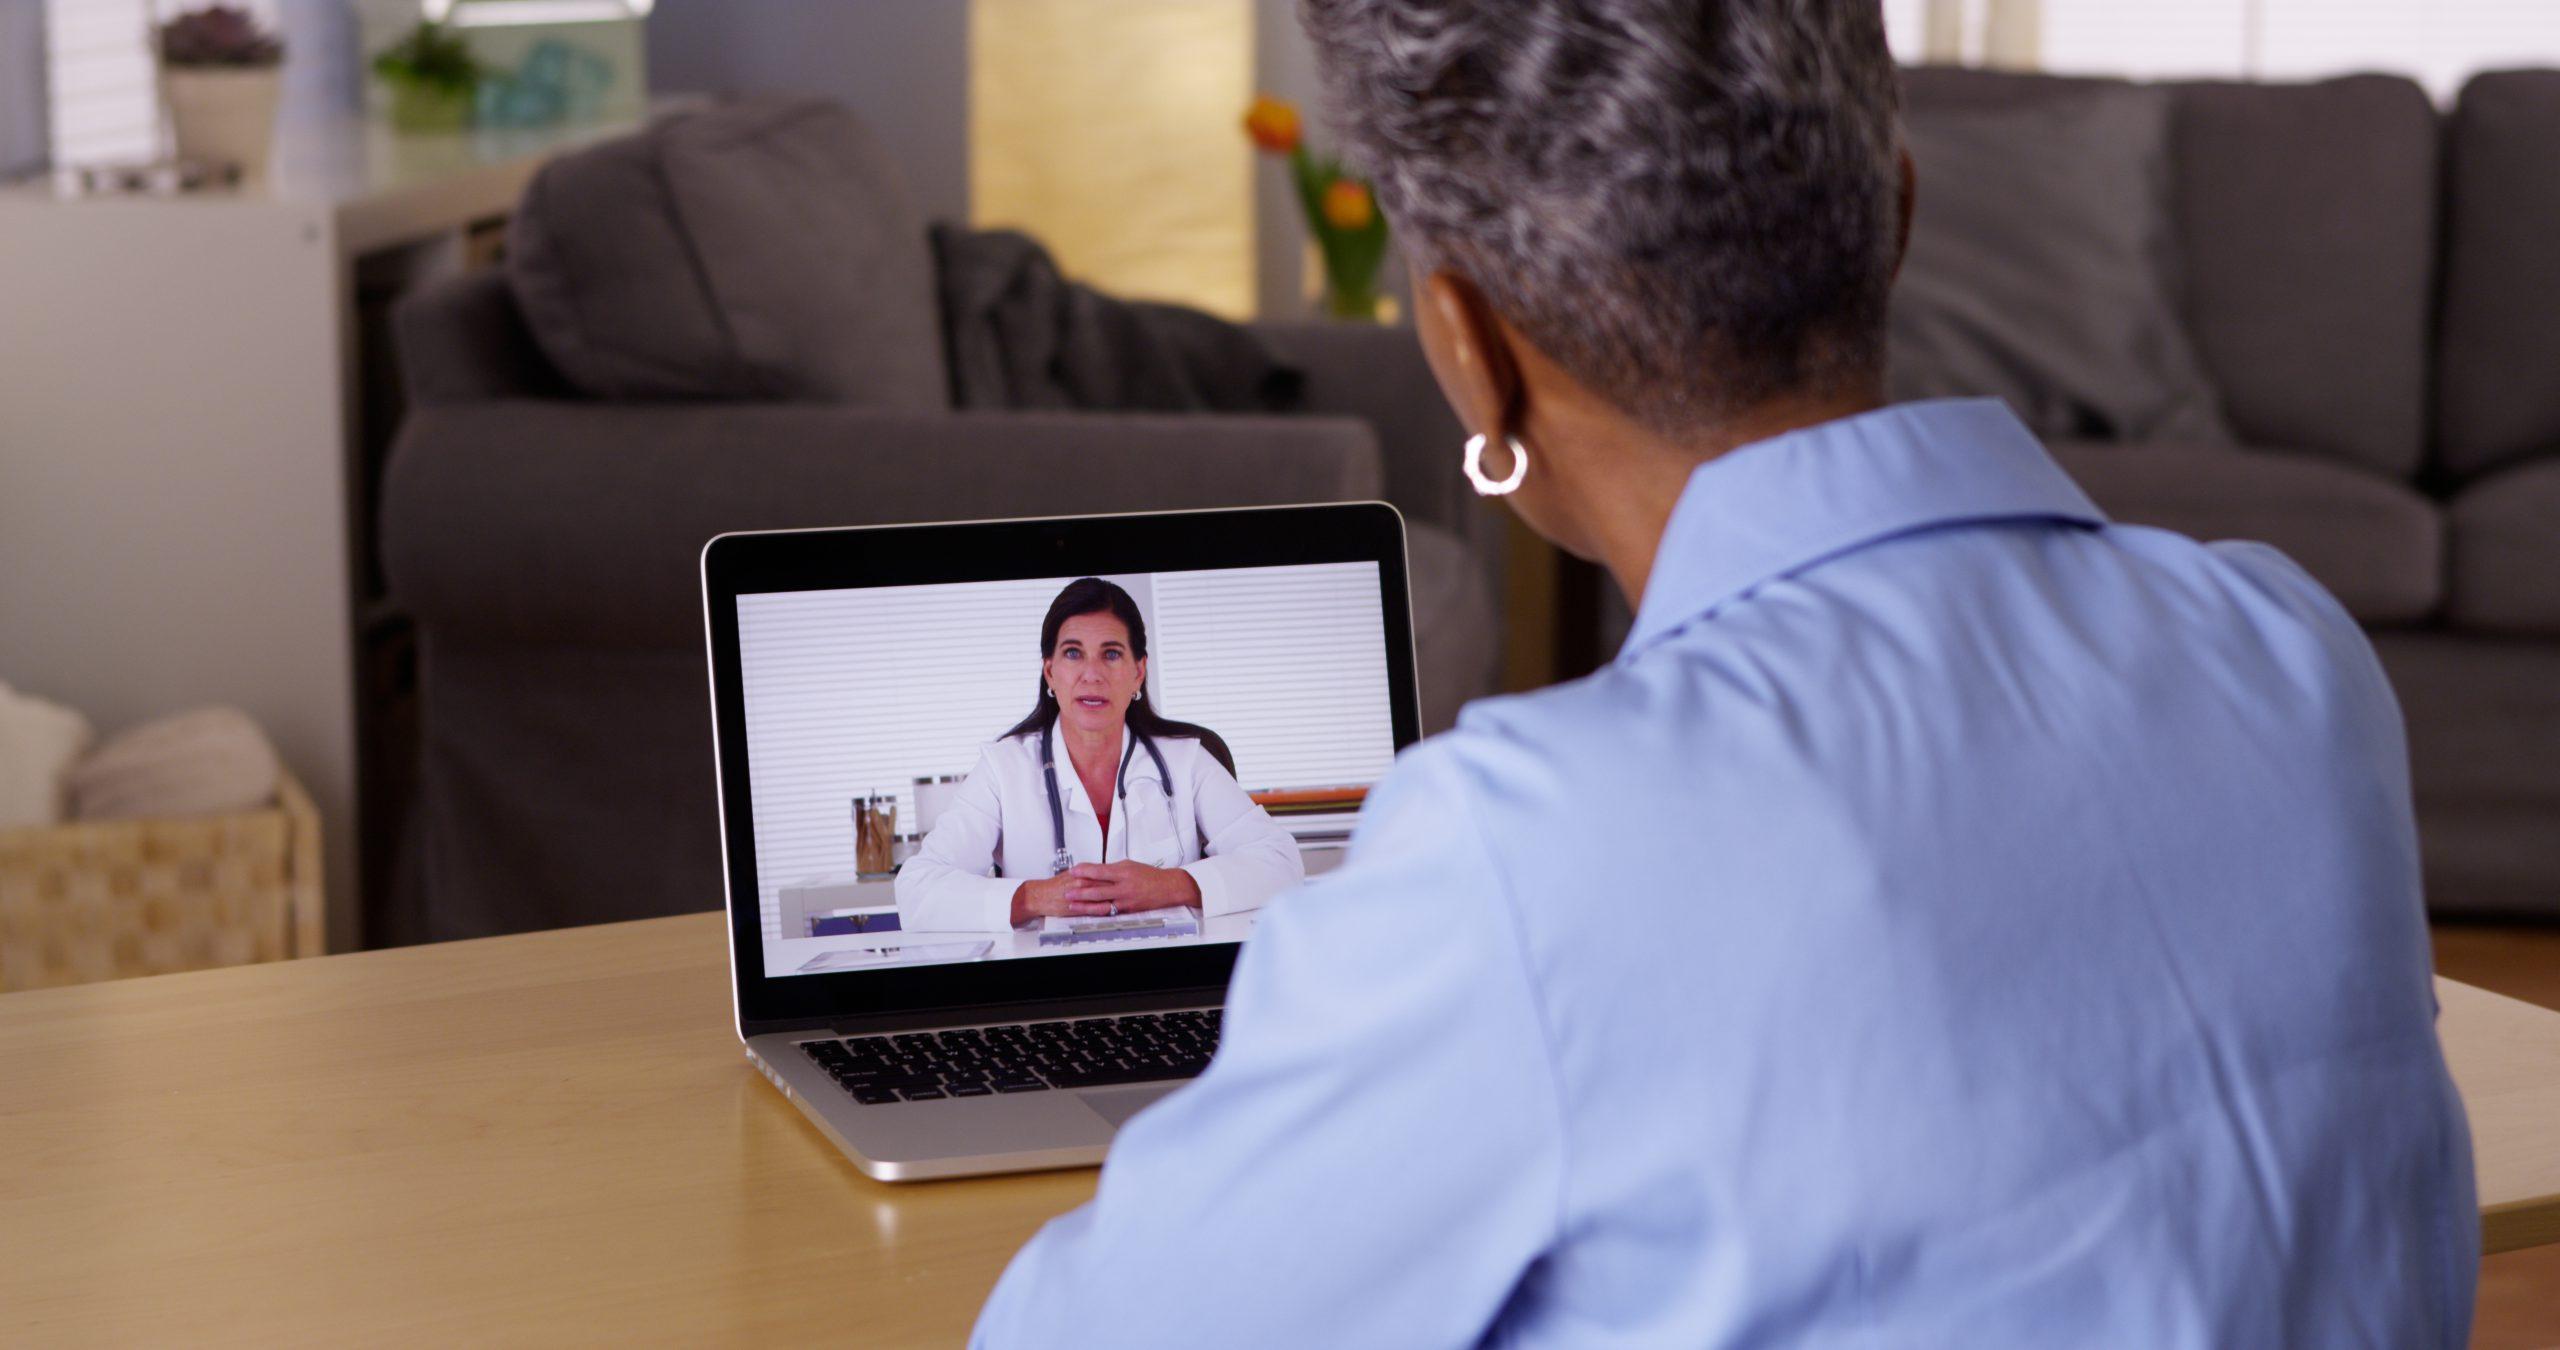 Dokter praat via laptop met patiënt